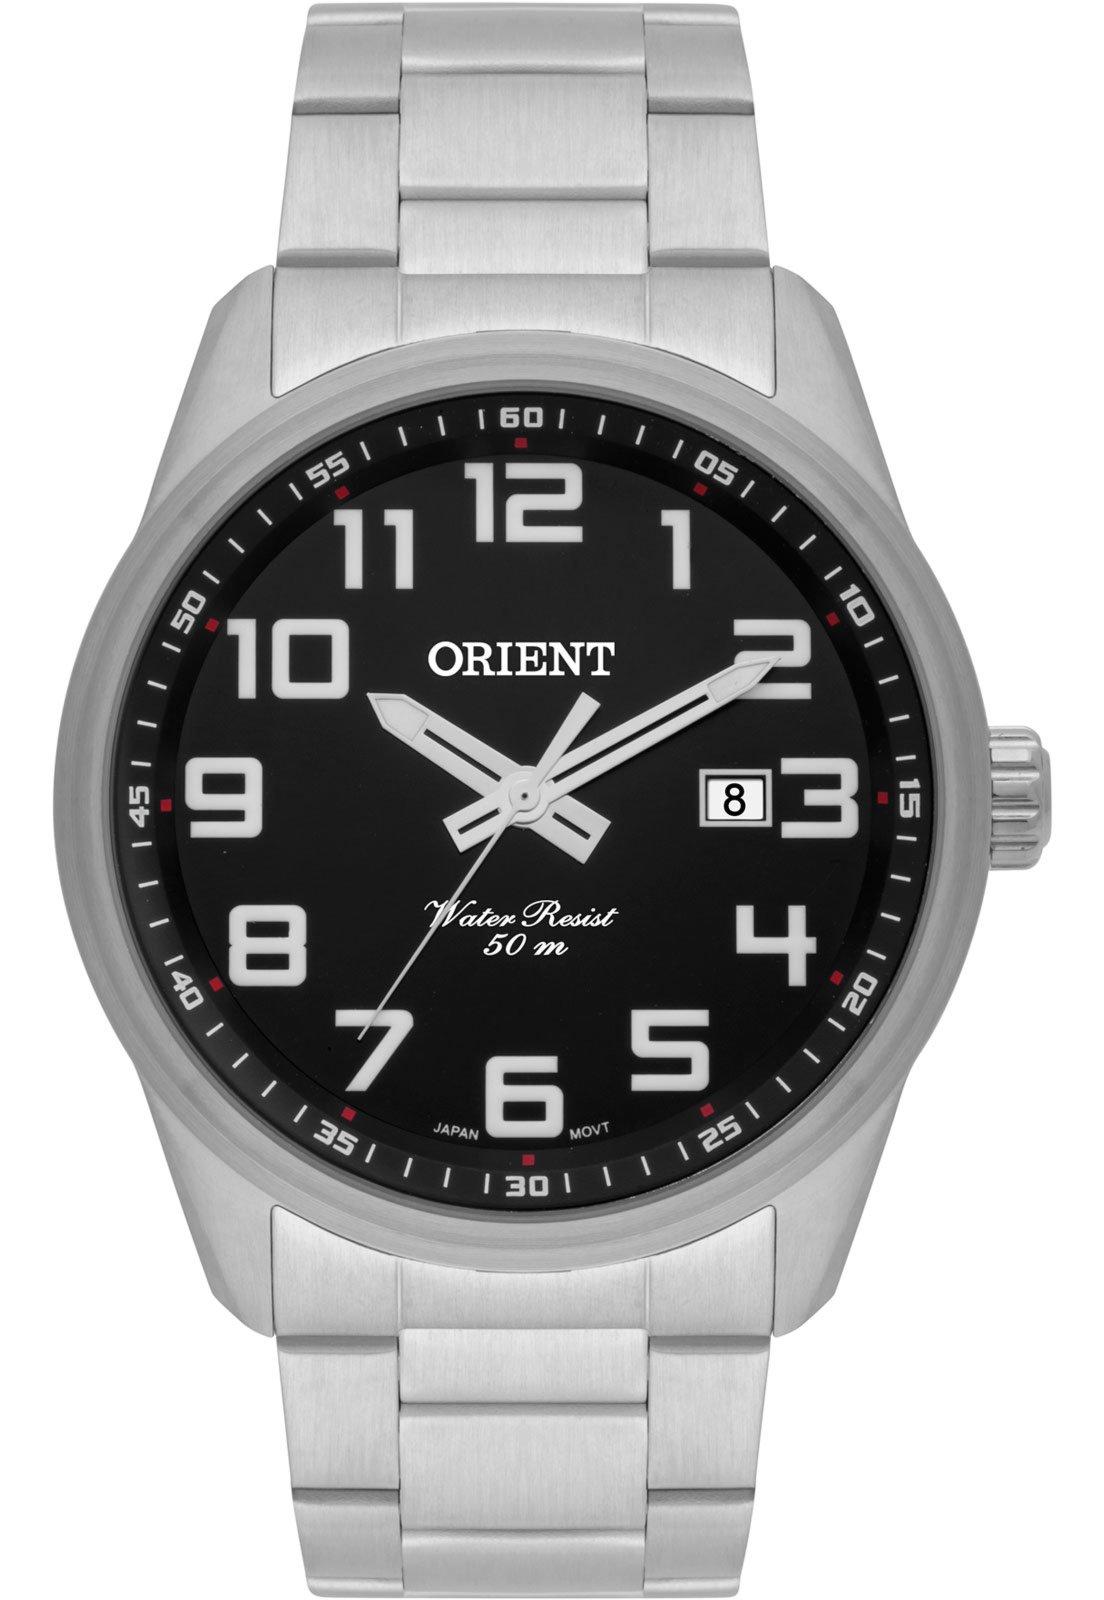 Orient MBSS1271 P2SX 697750